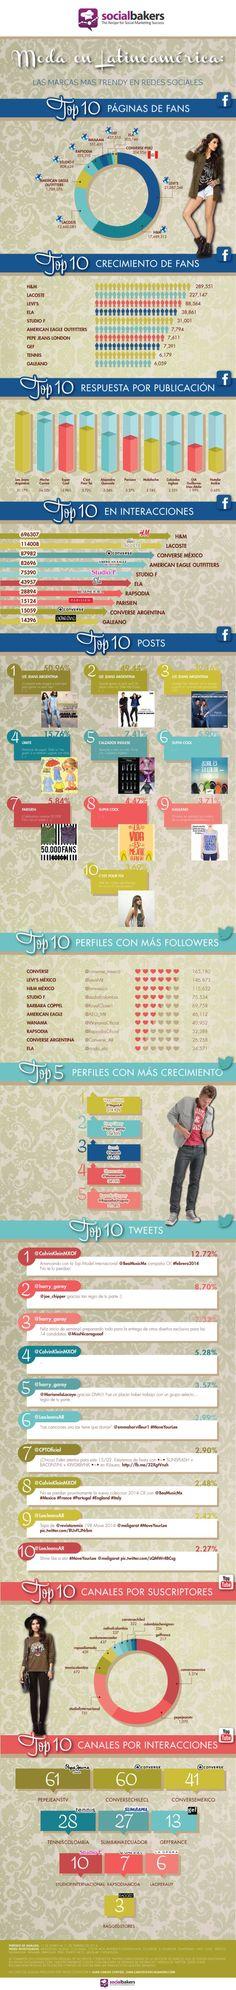 Moda en Redes Sociales en Latinoamérica #infografia #infographic #socialmedia